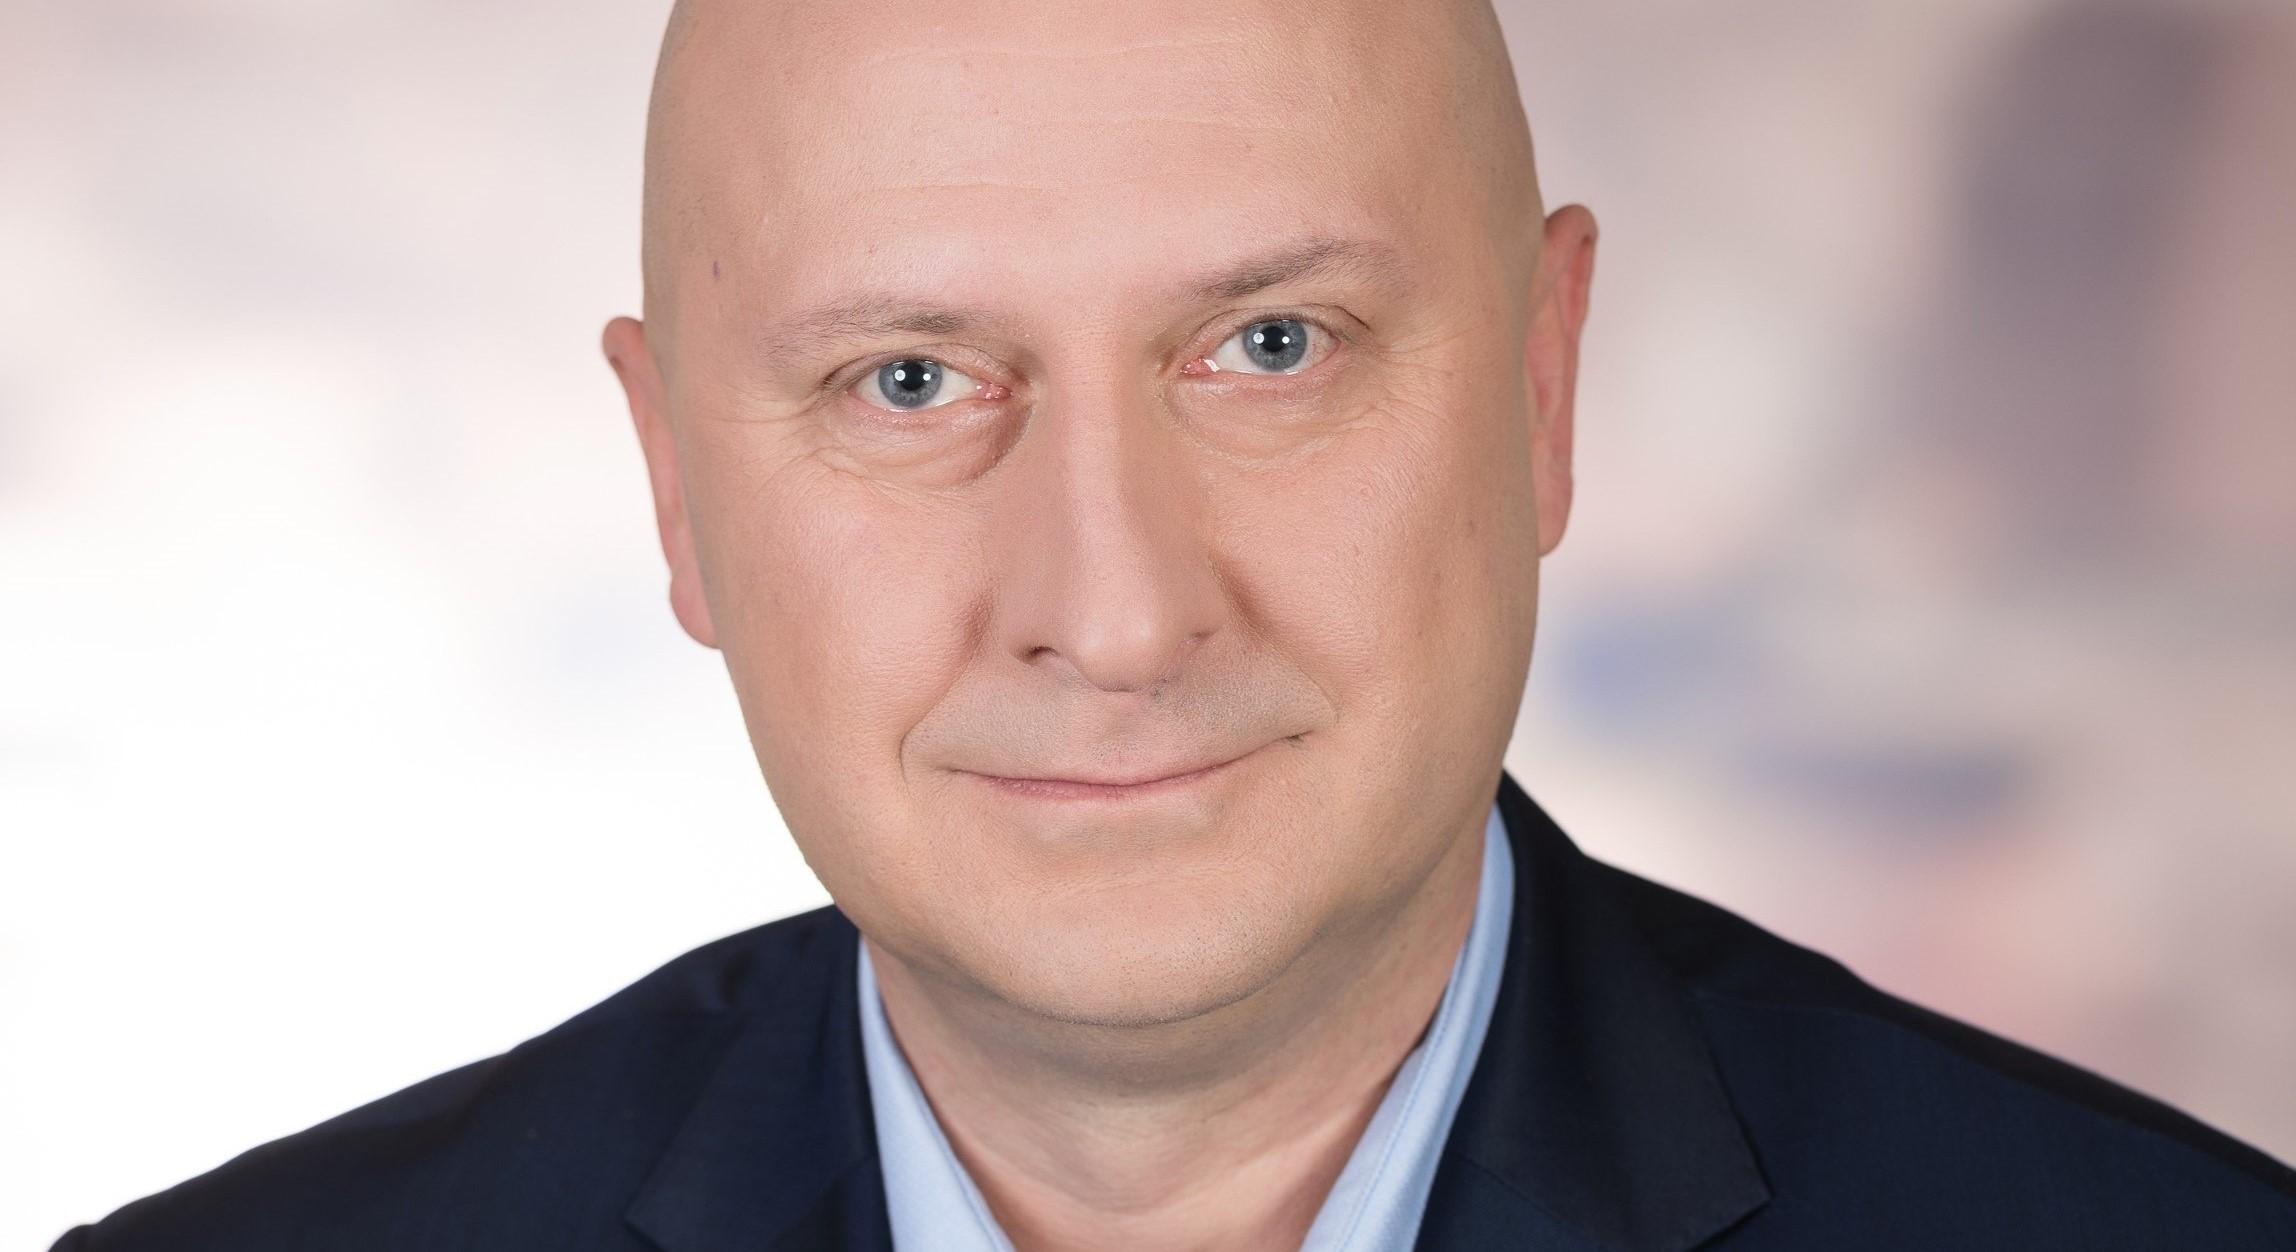 Krzysztof Suchy nowym Dyrektorem Sprzedaży w Dywizji Kulinarno-Napojowo-Lodowej w Grupie Colian